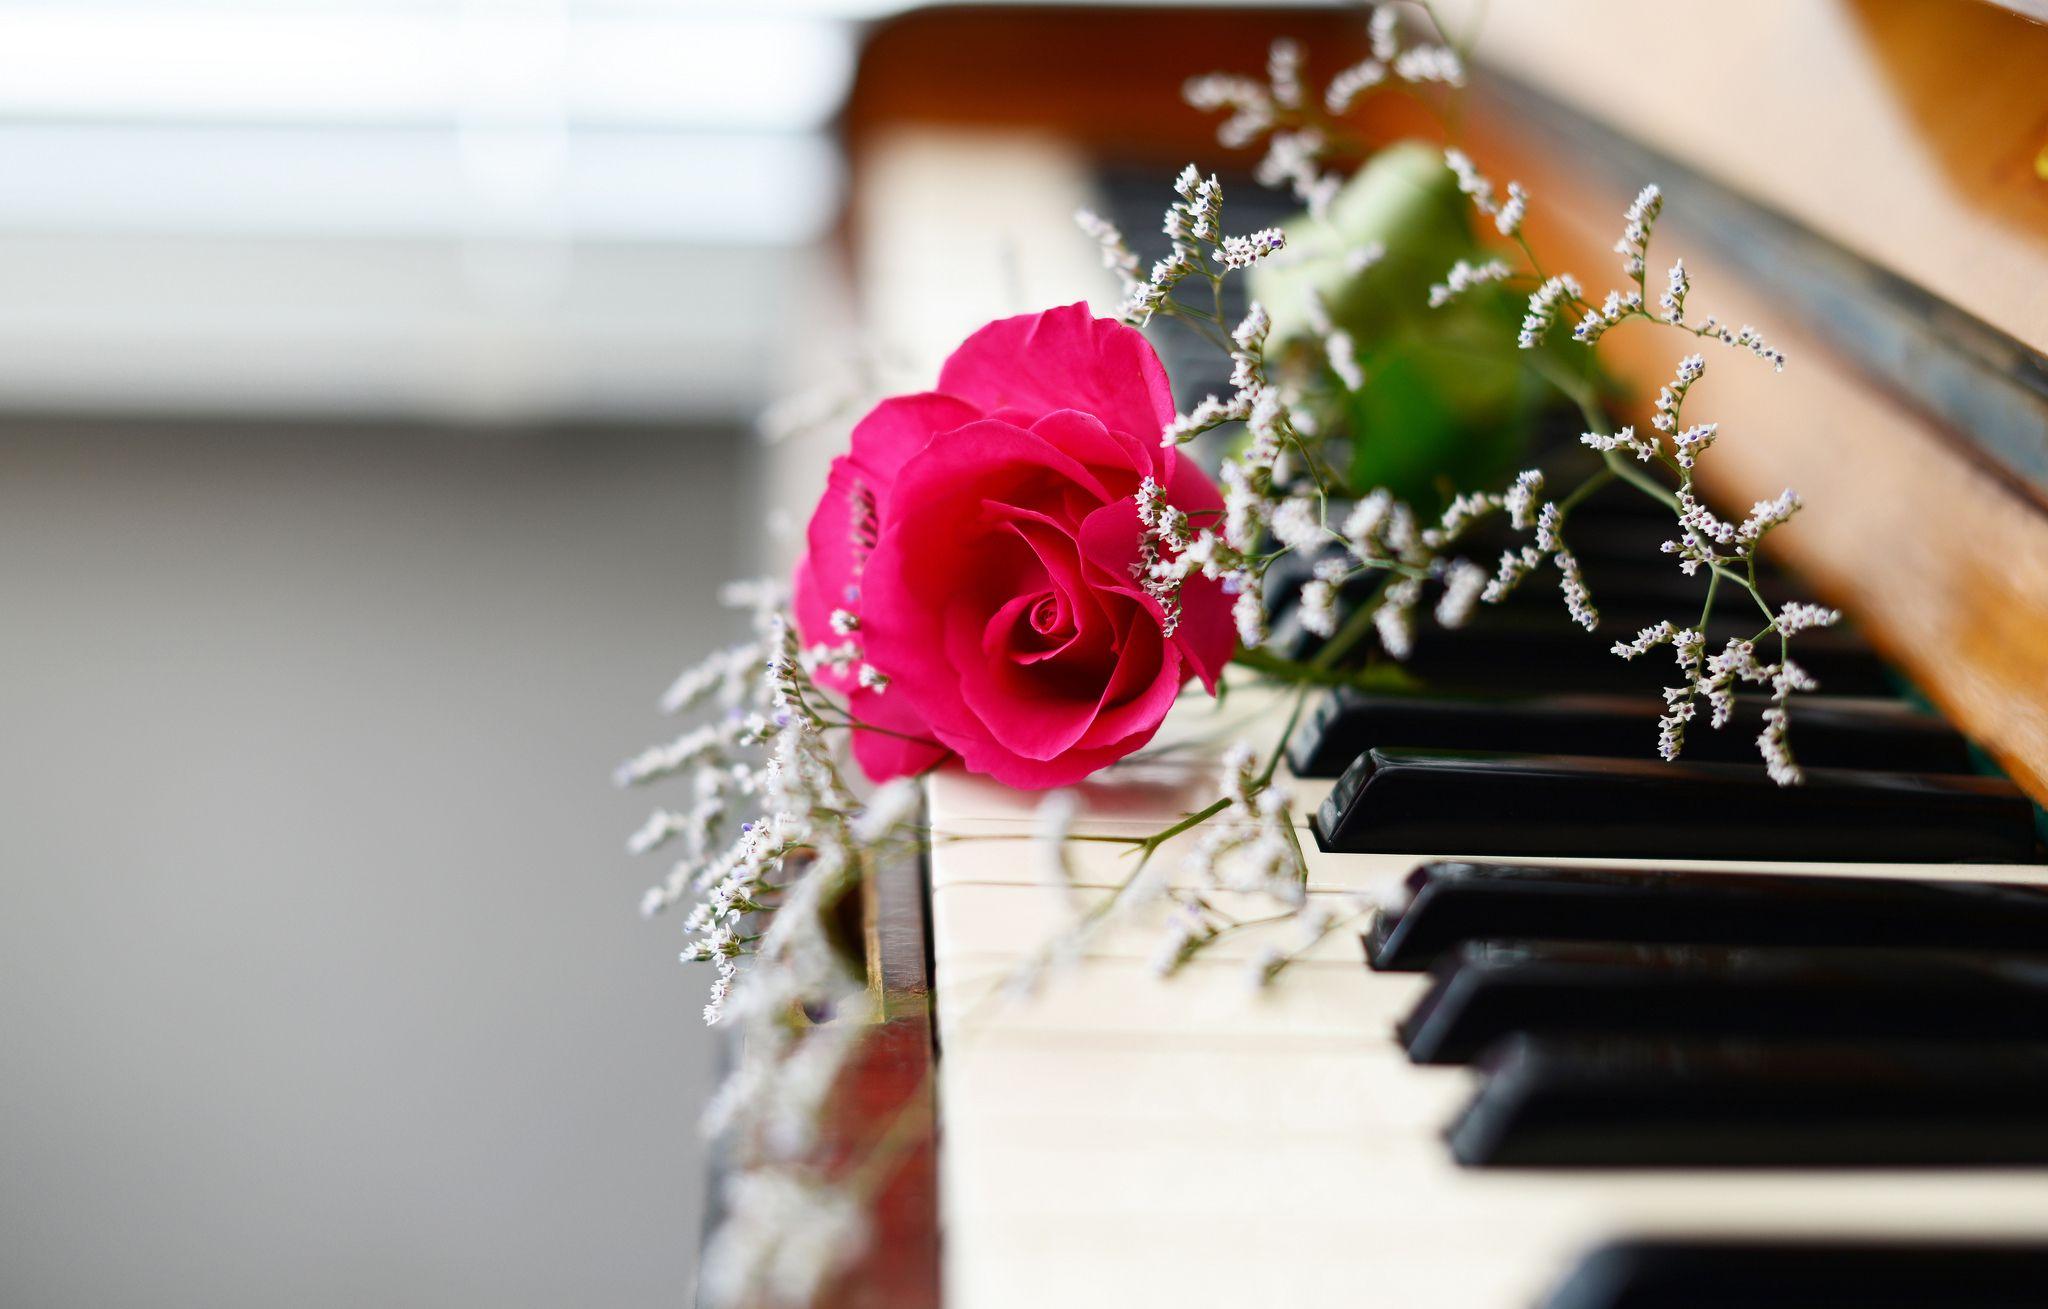 Картинки с цветами и нотами, душ